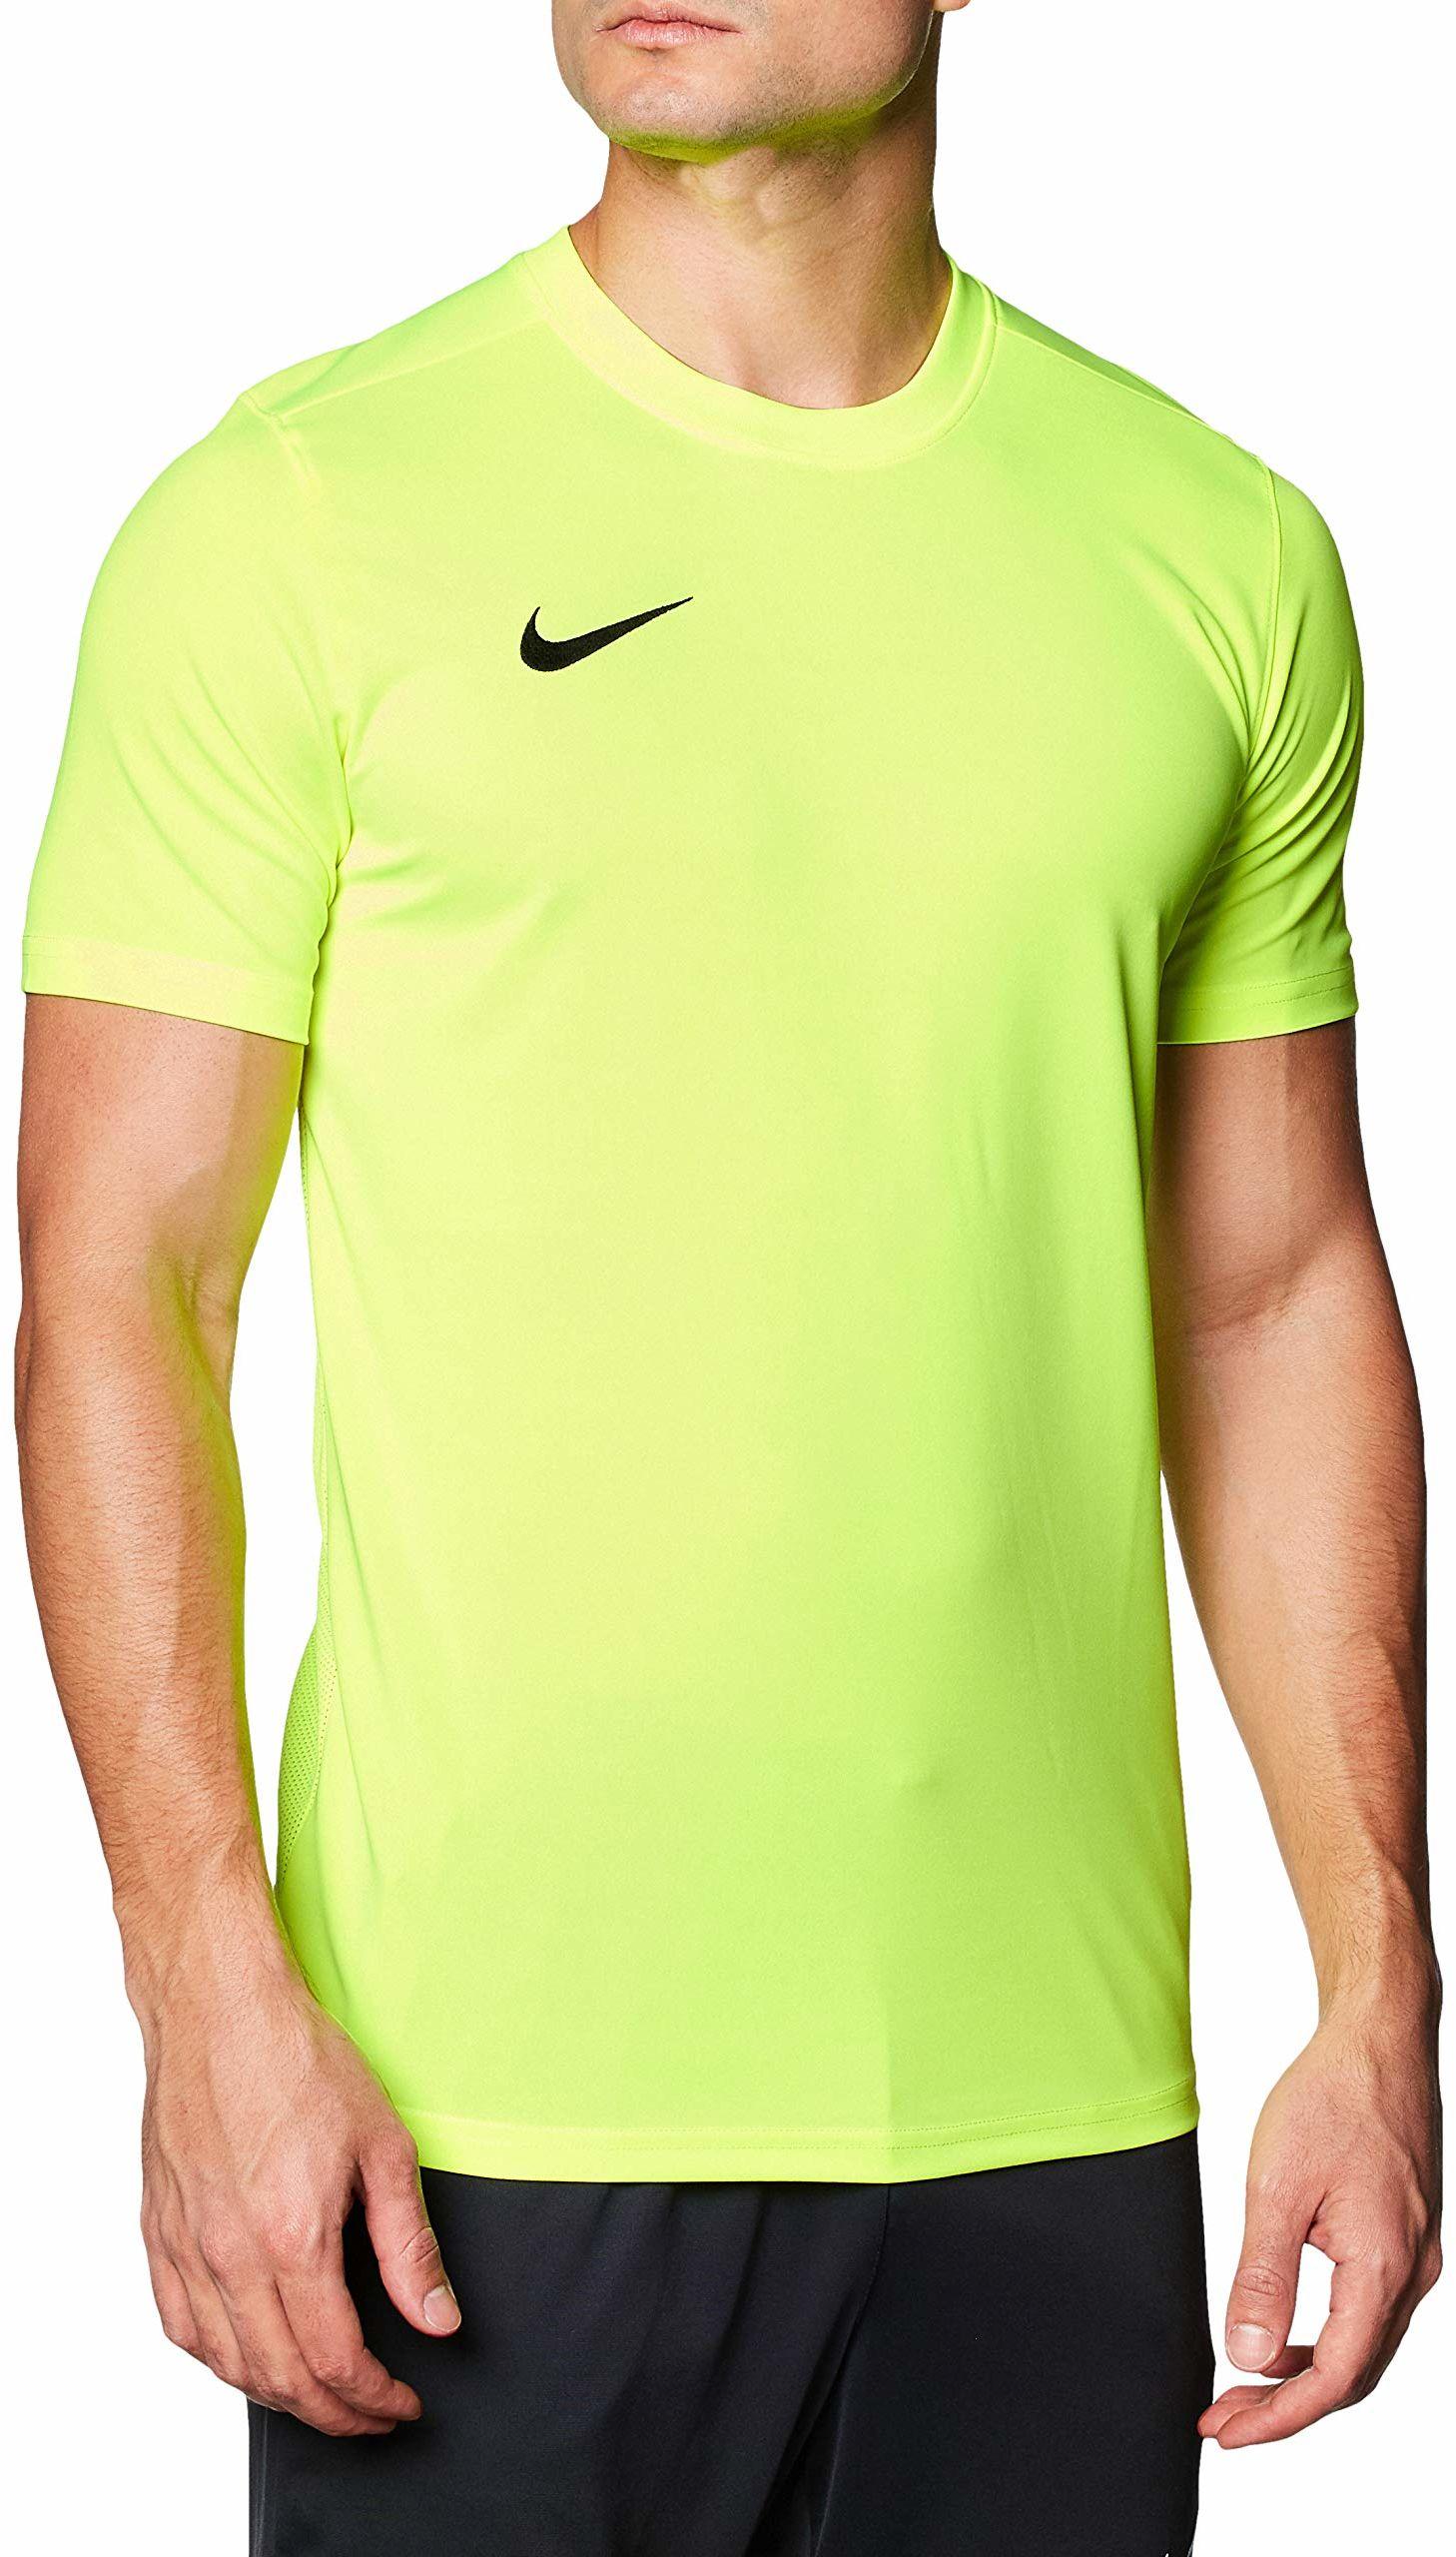 Nike Park Vii męska koszulka trykotowa zielony Volt/Black L